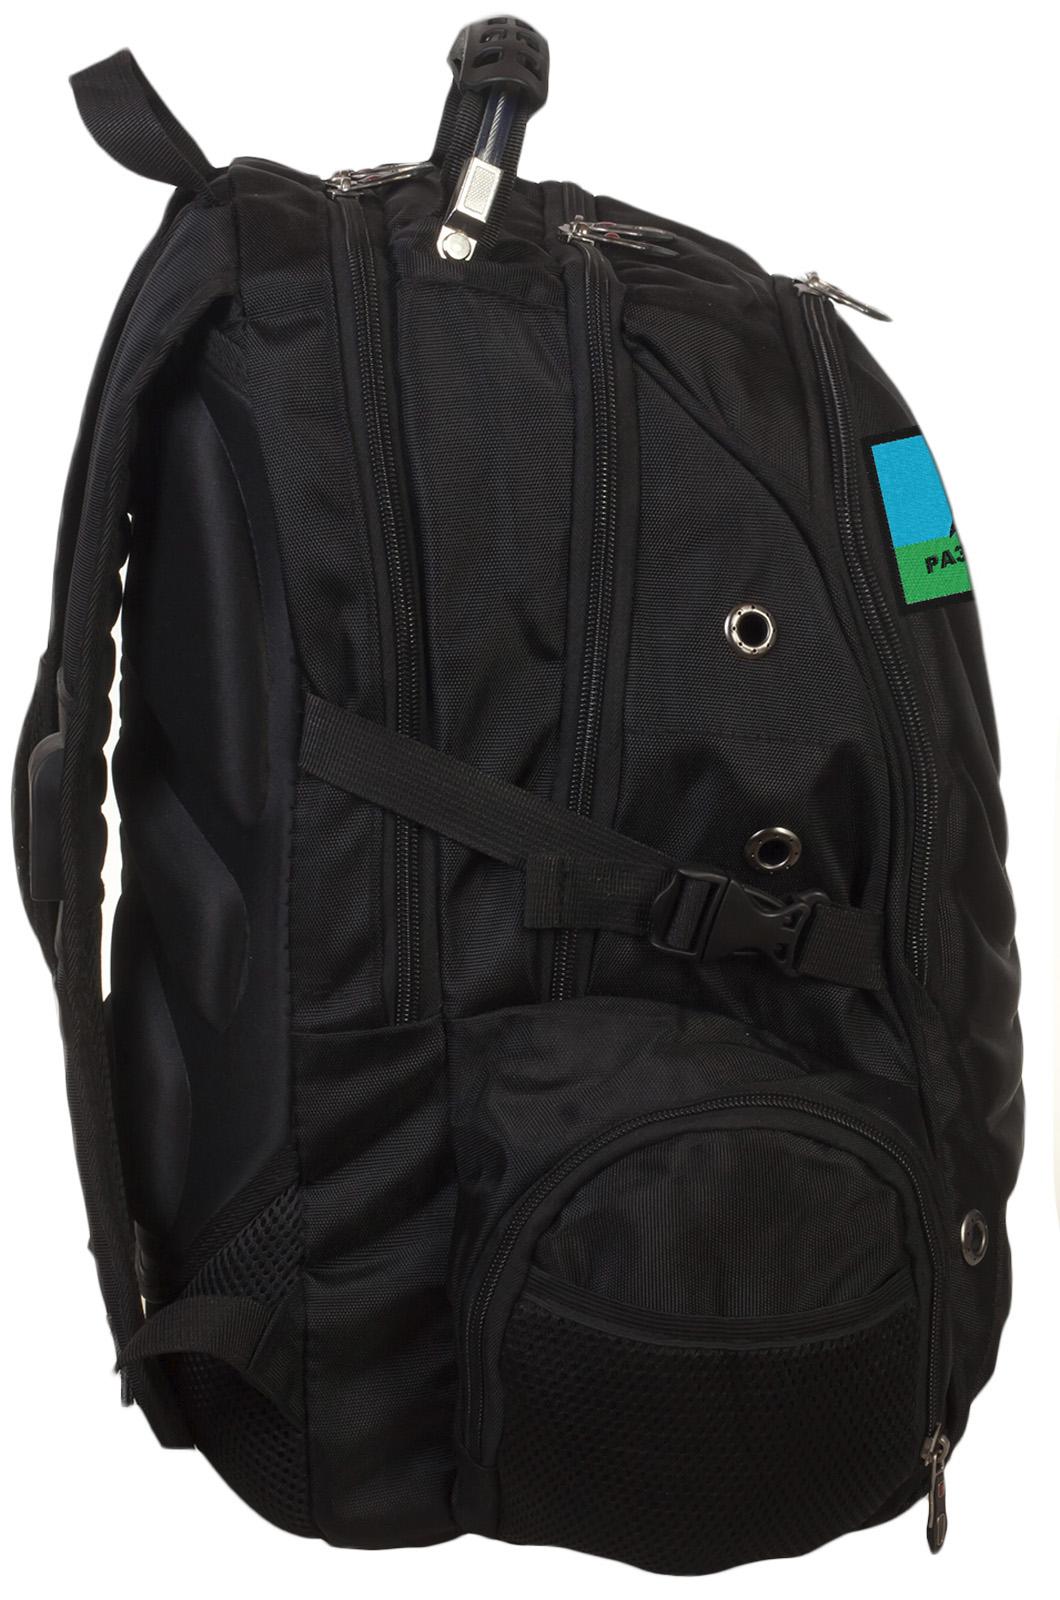 Черный вместительный рюкзак с нашивкой Разведка ГРУ - купить в розницу